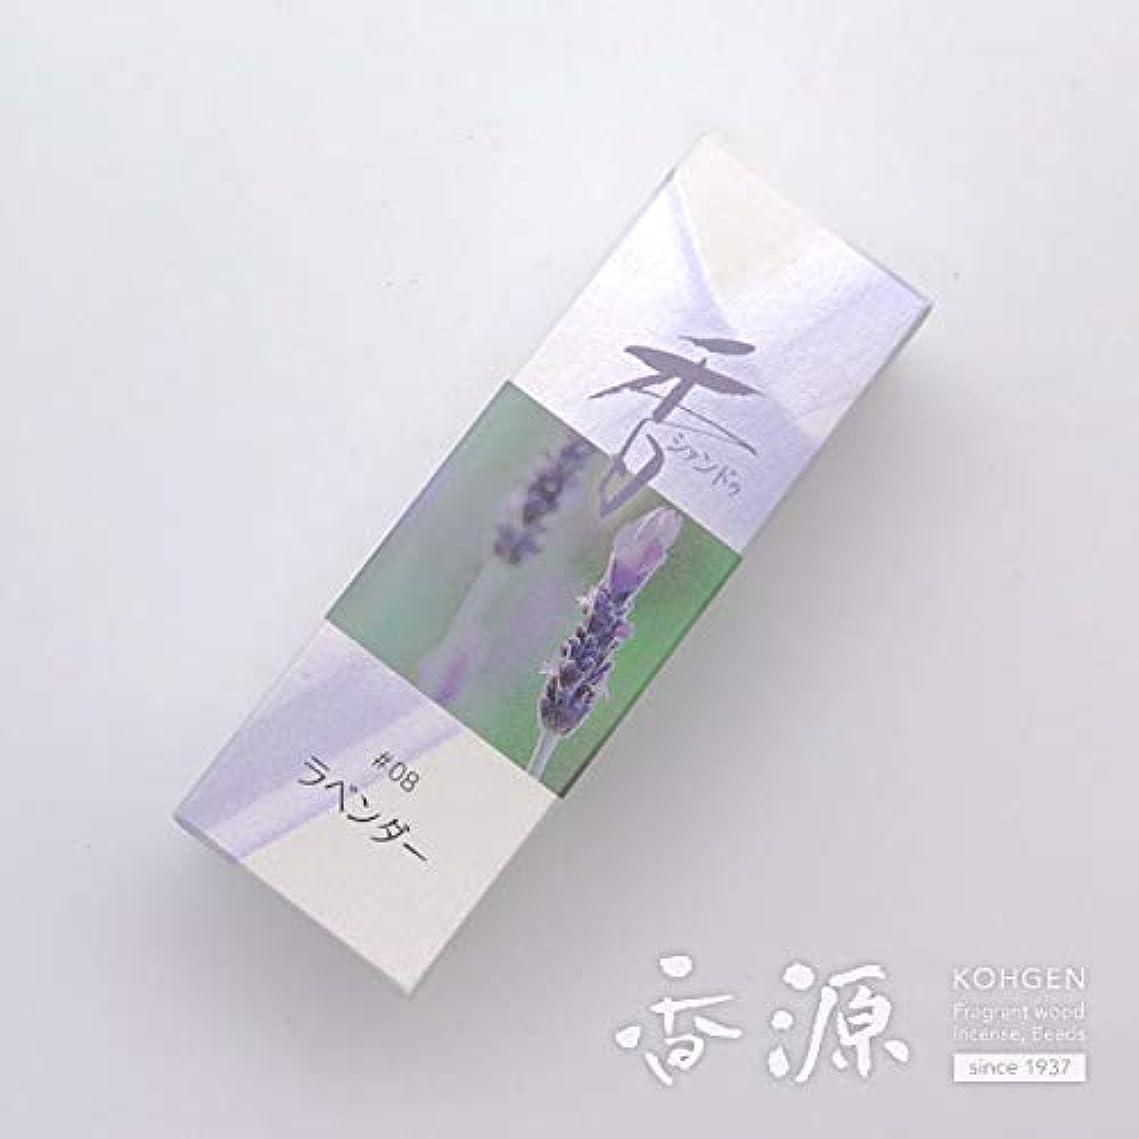 隔離セージ空白松栄堂のお香 Xiang Do ラベンダー ST20本入 簡易香立付 #214208